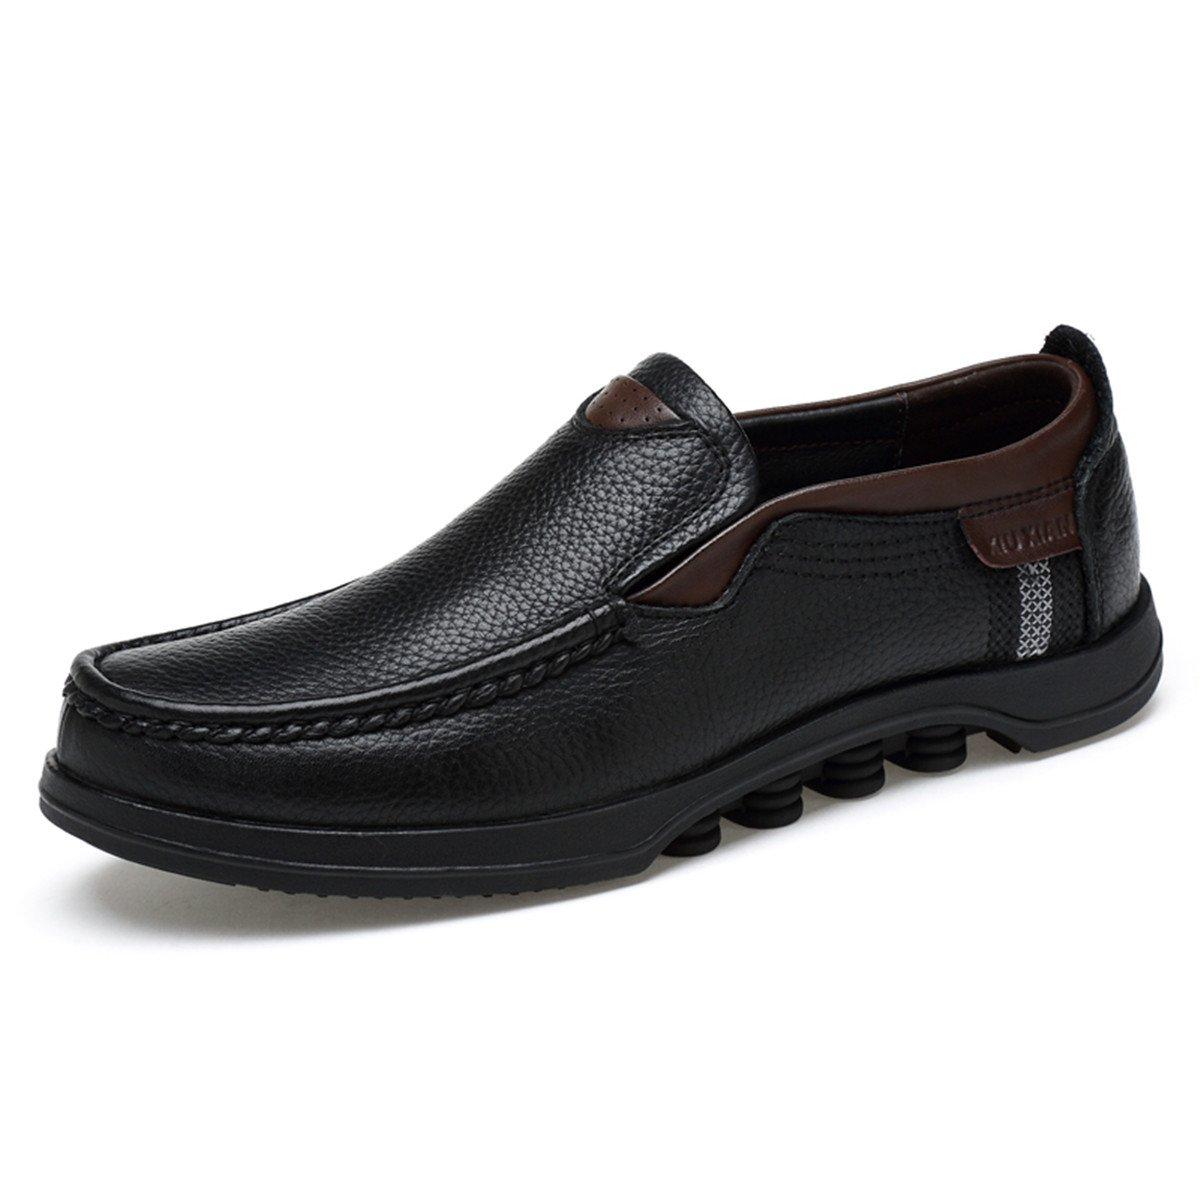 Gracosy Mocasines para Hombre Zapatos de Cuero Casual de los Hombres Zapatos Planos Mocasines Zapatos de Negocios Mocasines de conducción de Zapatos: ...